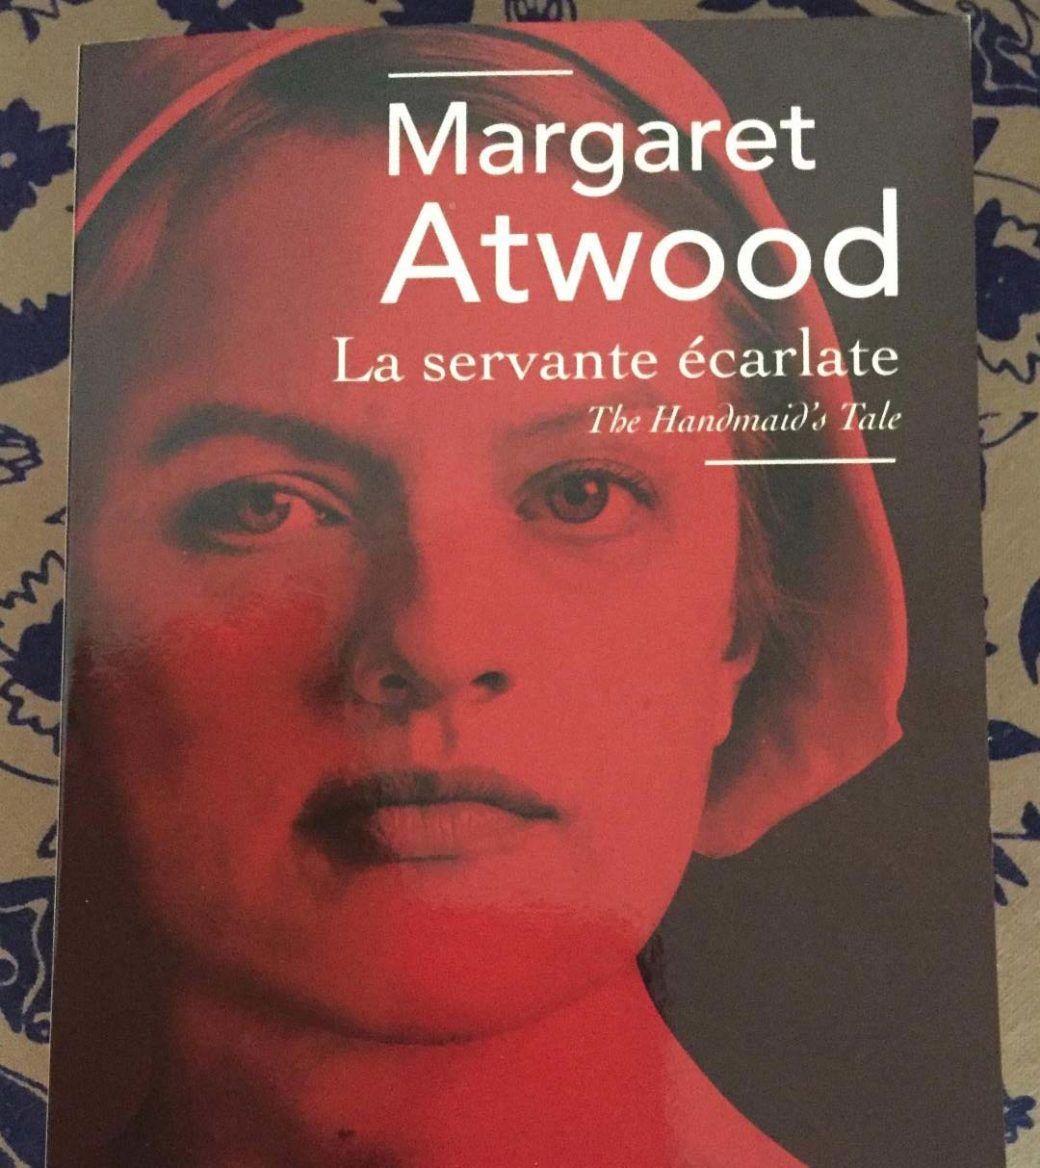 La Servante écarlate par Margaret Atwood #lecture #meilleurslivres #meilleureserie #bestreading #thehandmaidstale #servanteecarlate #margaretatwood #greenbyvero #margaretatwood